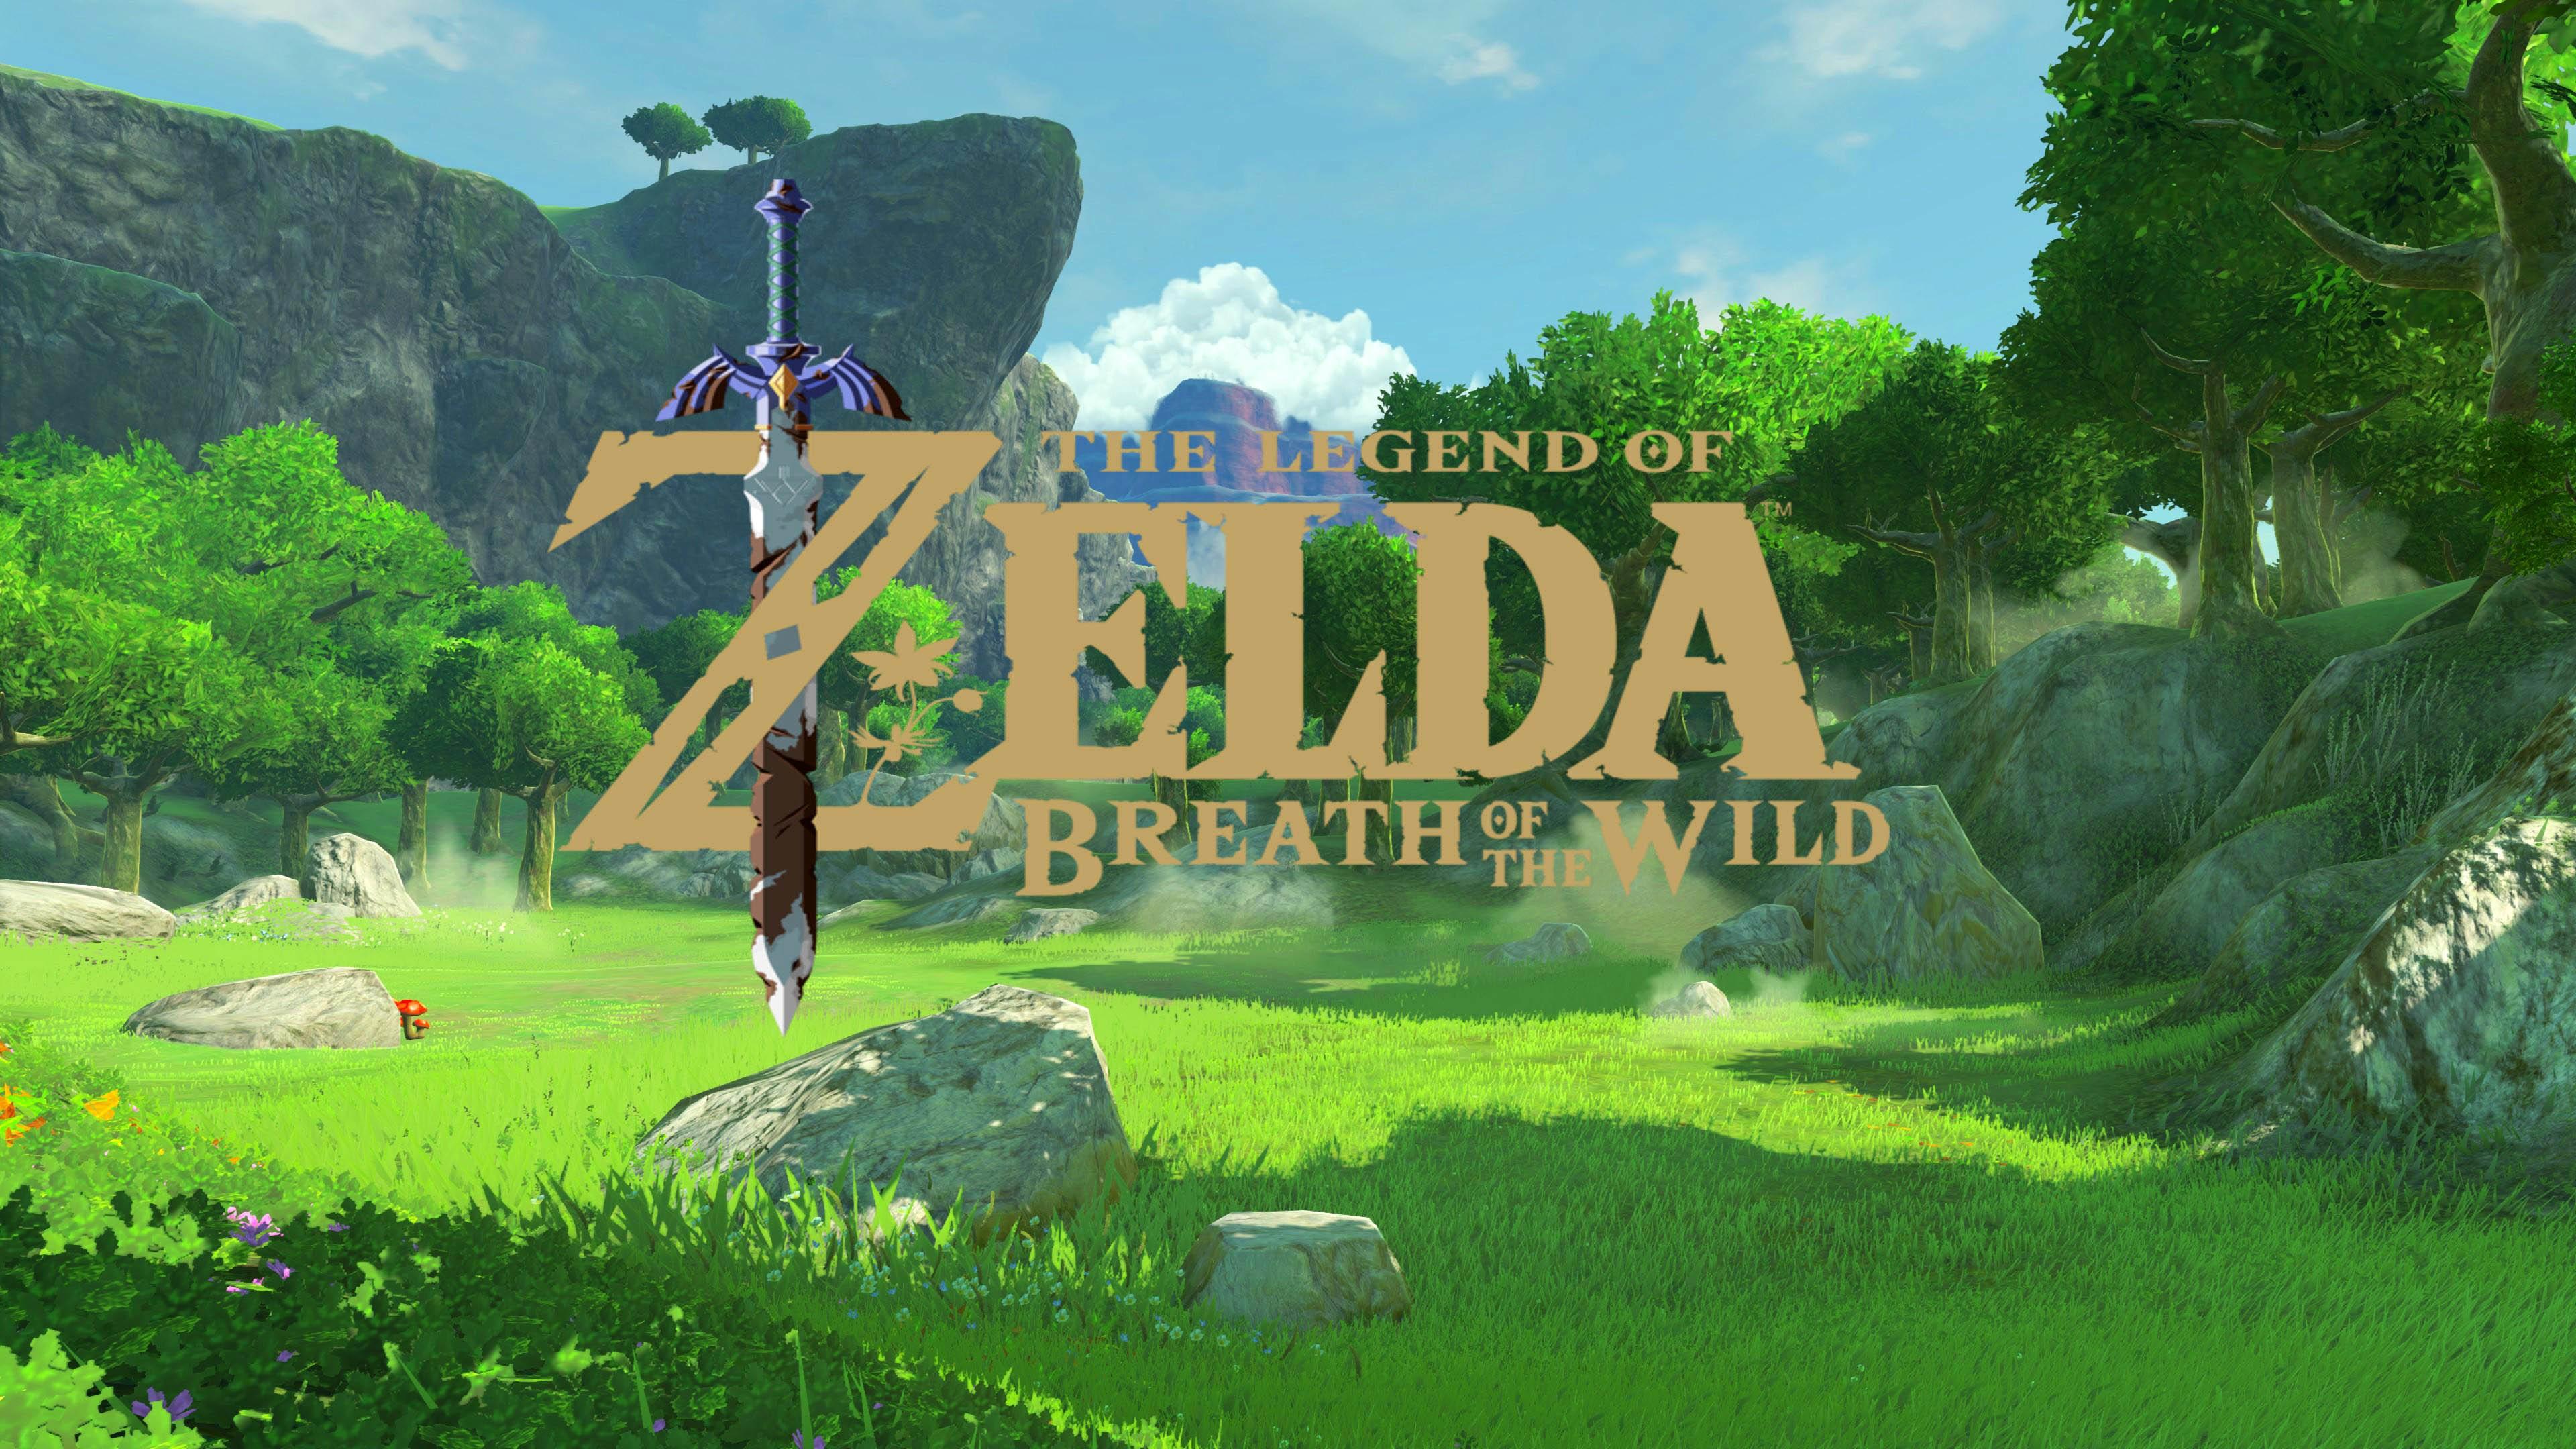 Zelda Wallpaper Breath Of The Wild: Zelda 4K Wallpaper (67+ Images